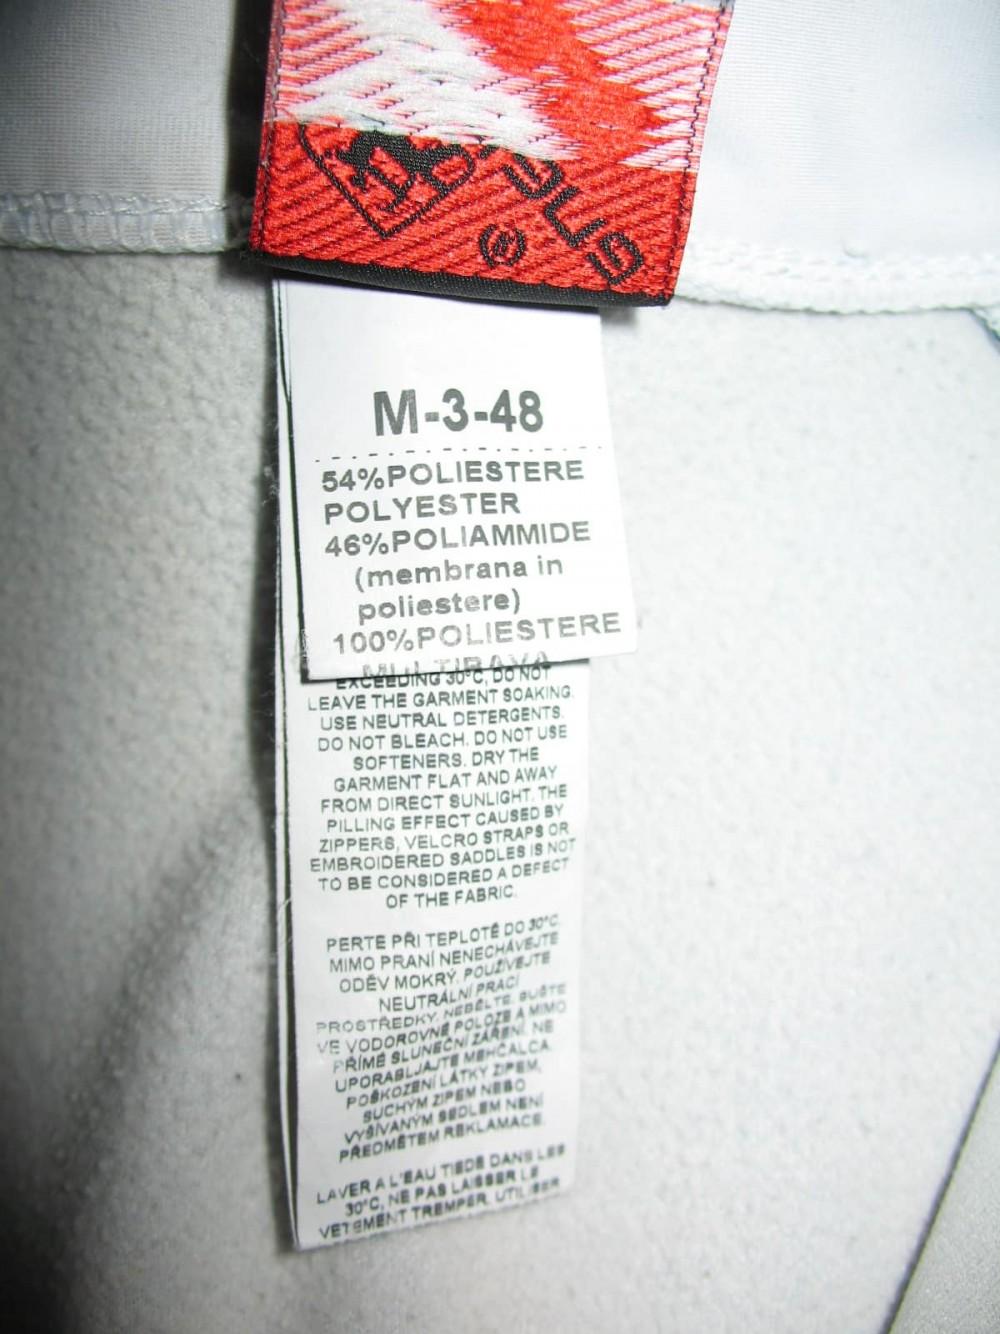 Велокуртка GIORDANA design cykler windtex bike jacket (размер M-3-48) - 8